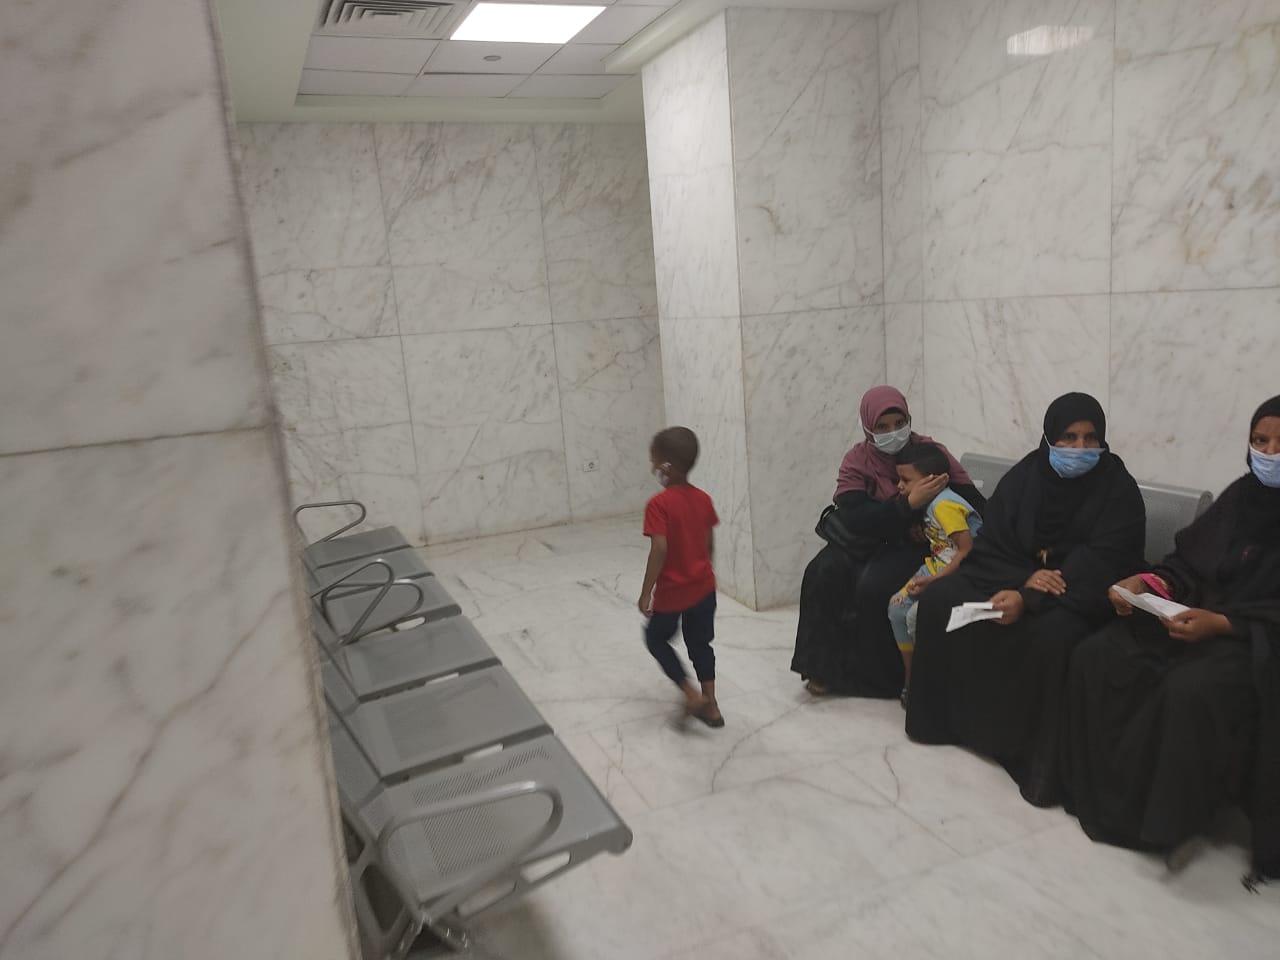 أروقة وأقسام مستشفى إسنا التخصصى تعود للحياة الطبيعية بعد 140 يوماً من العزل  (2)